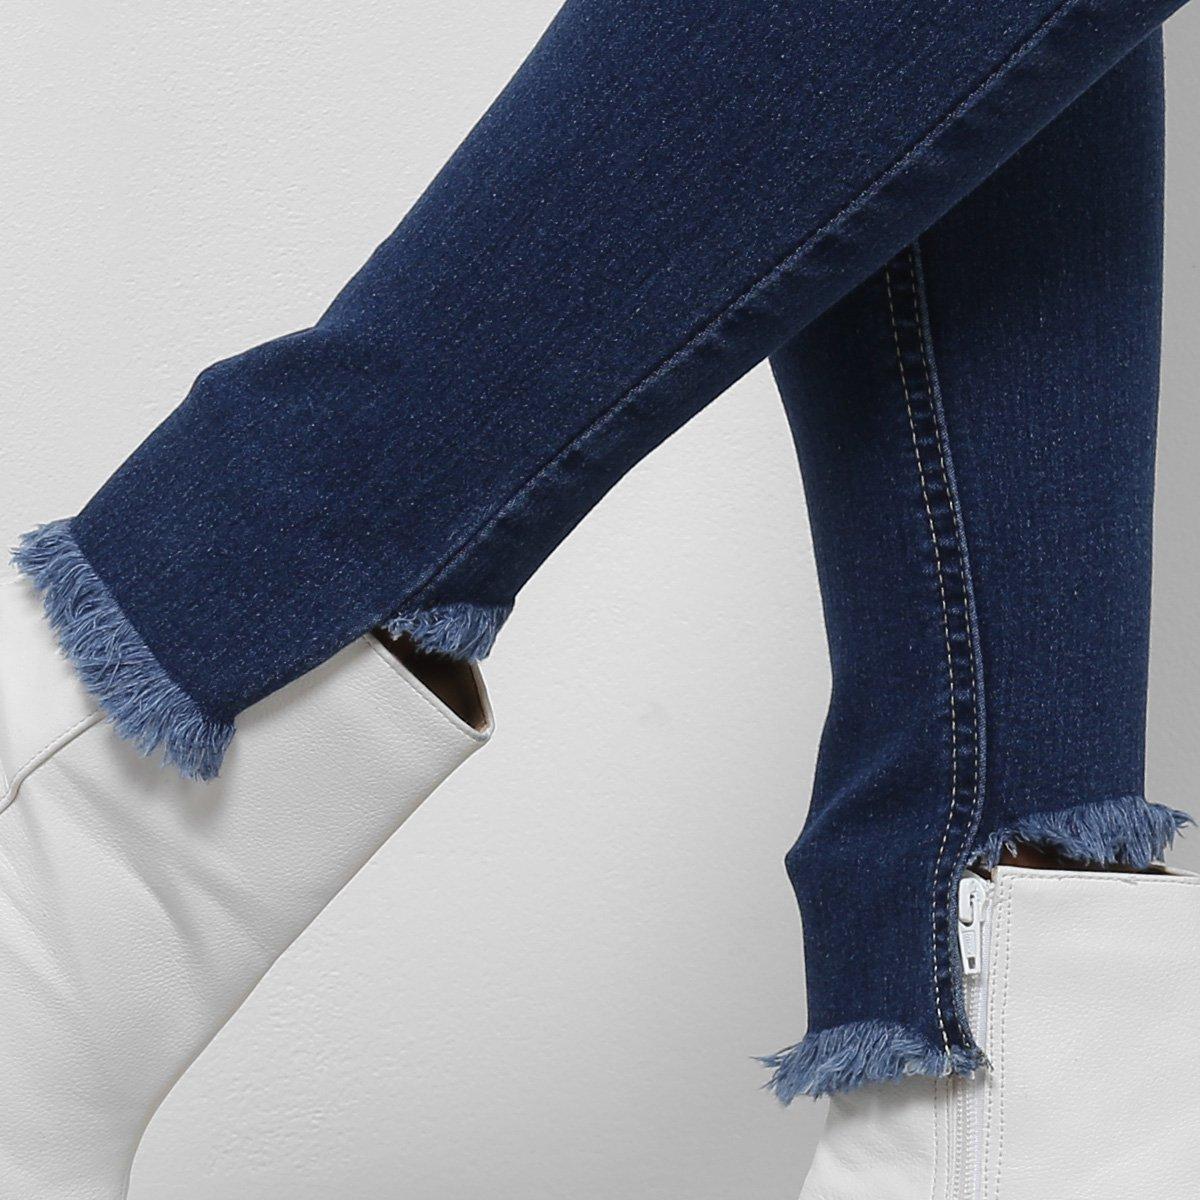 Escuro Alta Cintura Calça Azul Jeans Botões Coffee Skinny Feminina wP8Xvq